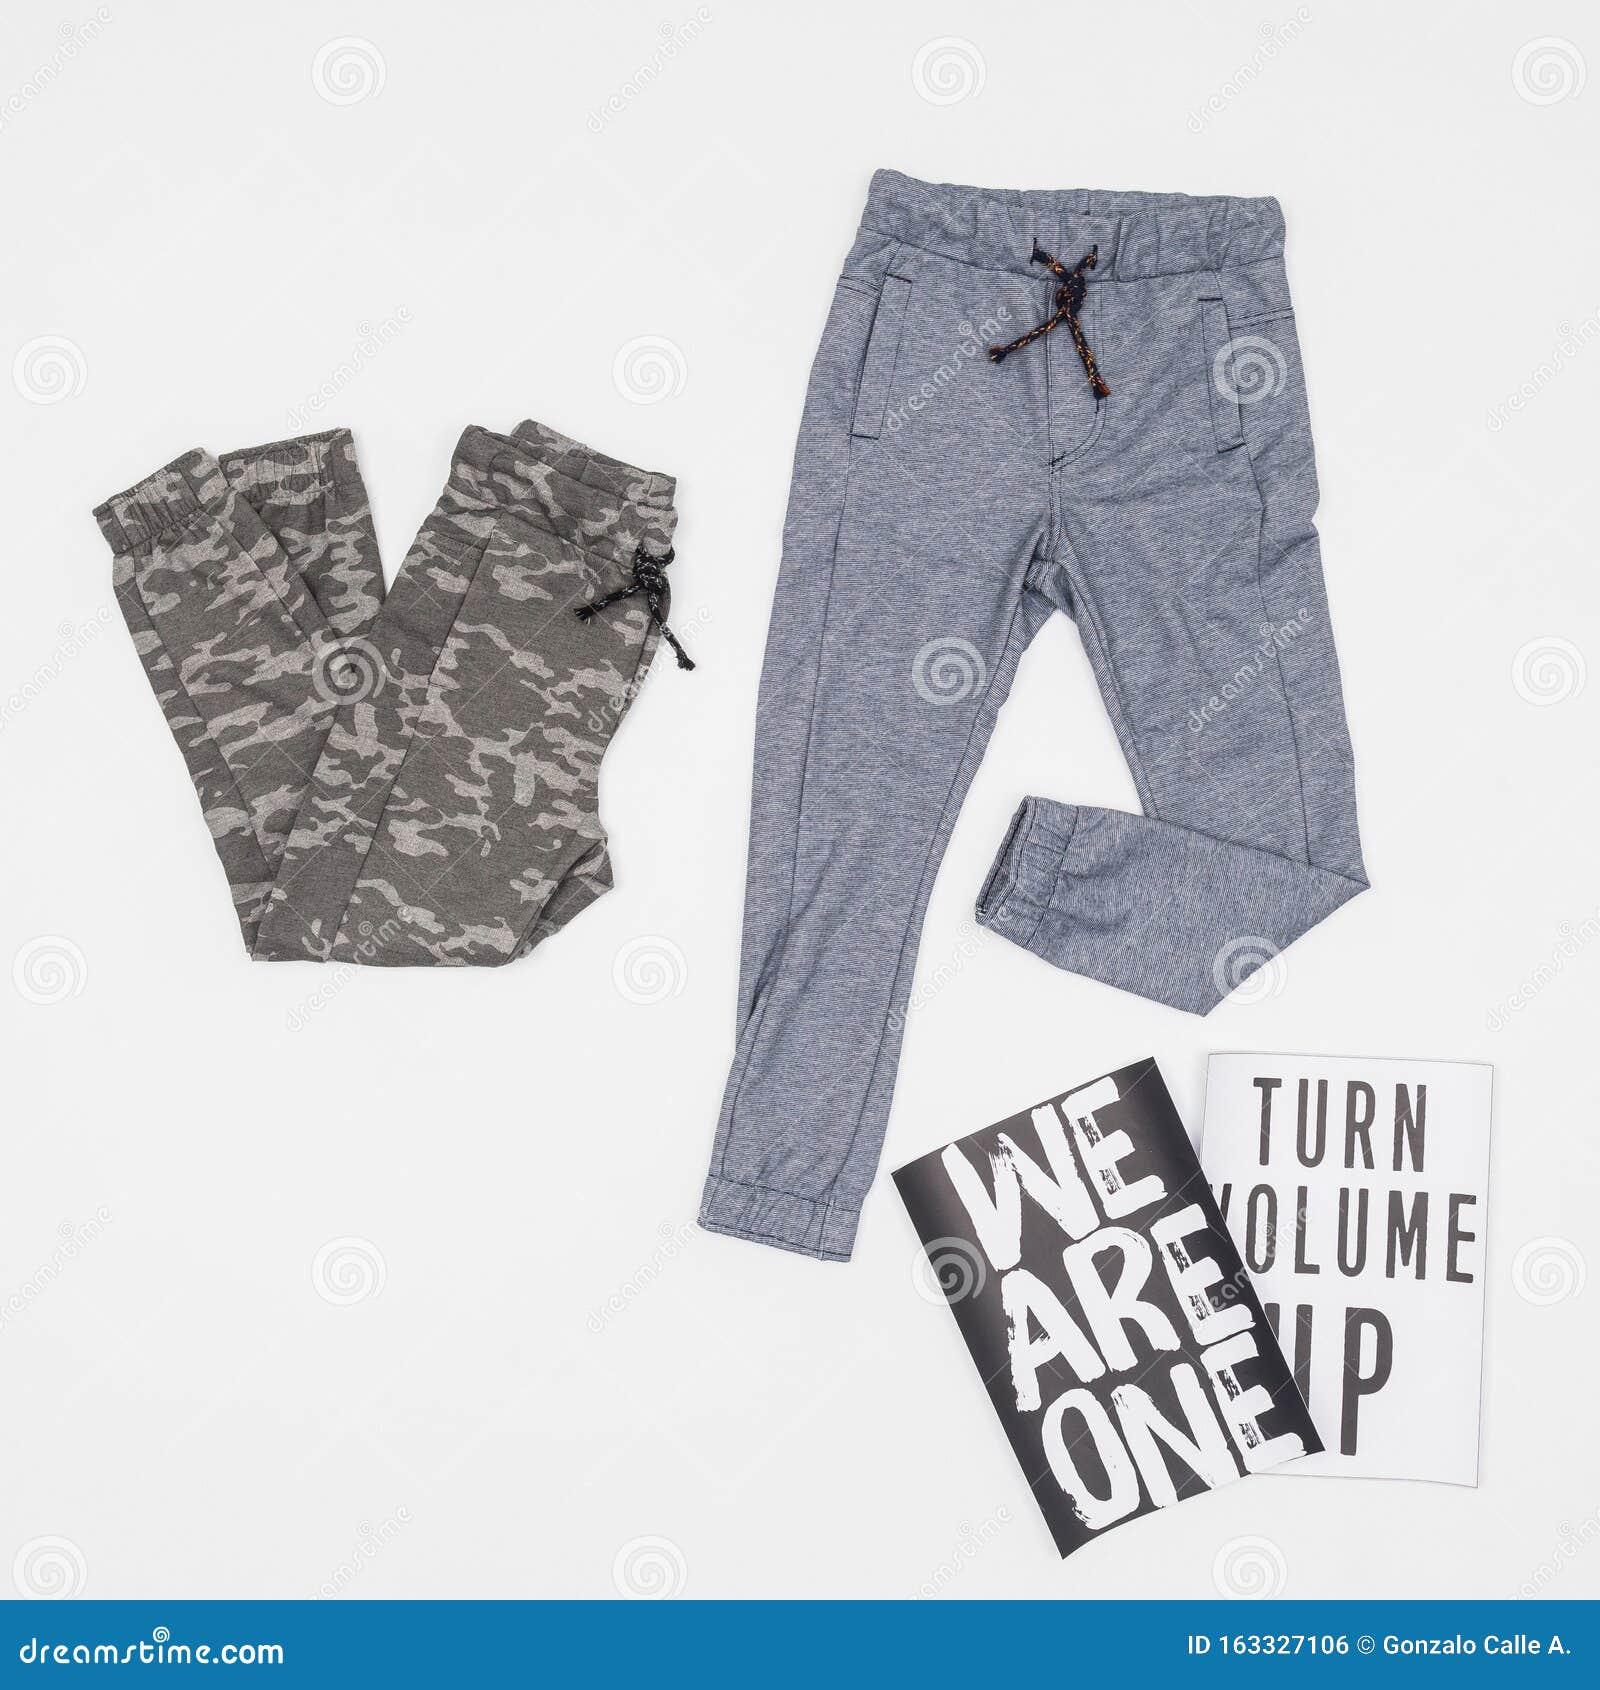 Moda Ropa De Dos Pantalones Deportivos Para Jovenes Foto En Fondo Neutro Foto De Archivo Imagen De Fondo Moda 163327106